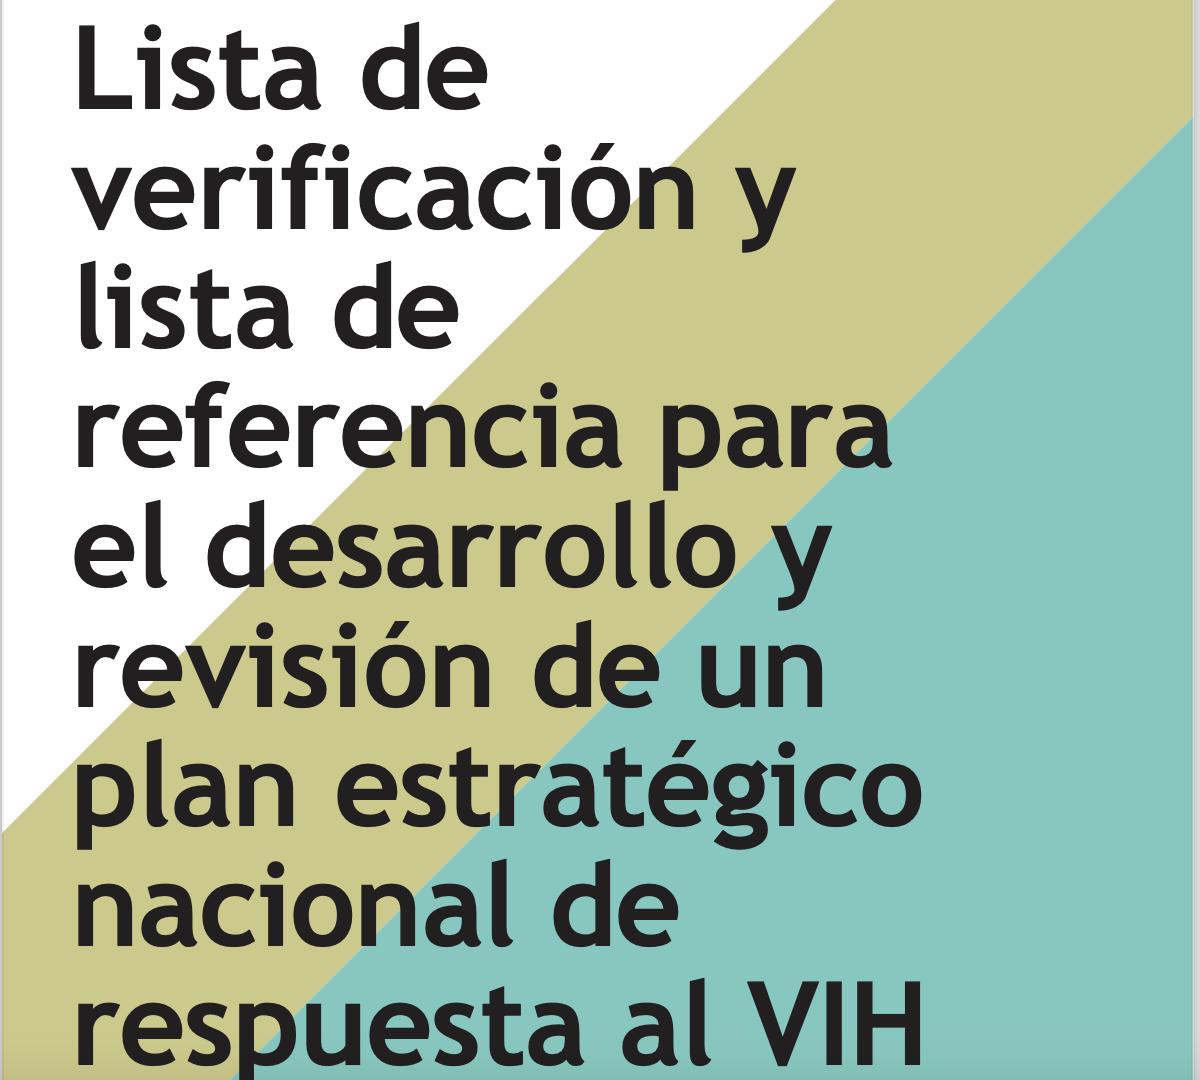 Lista de verificación y lista de referencia para el desarrollo y revisión de un plan estratégico nacional de respuesta al VIH